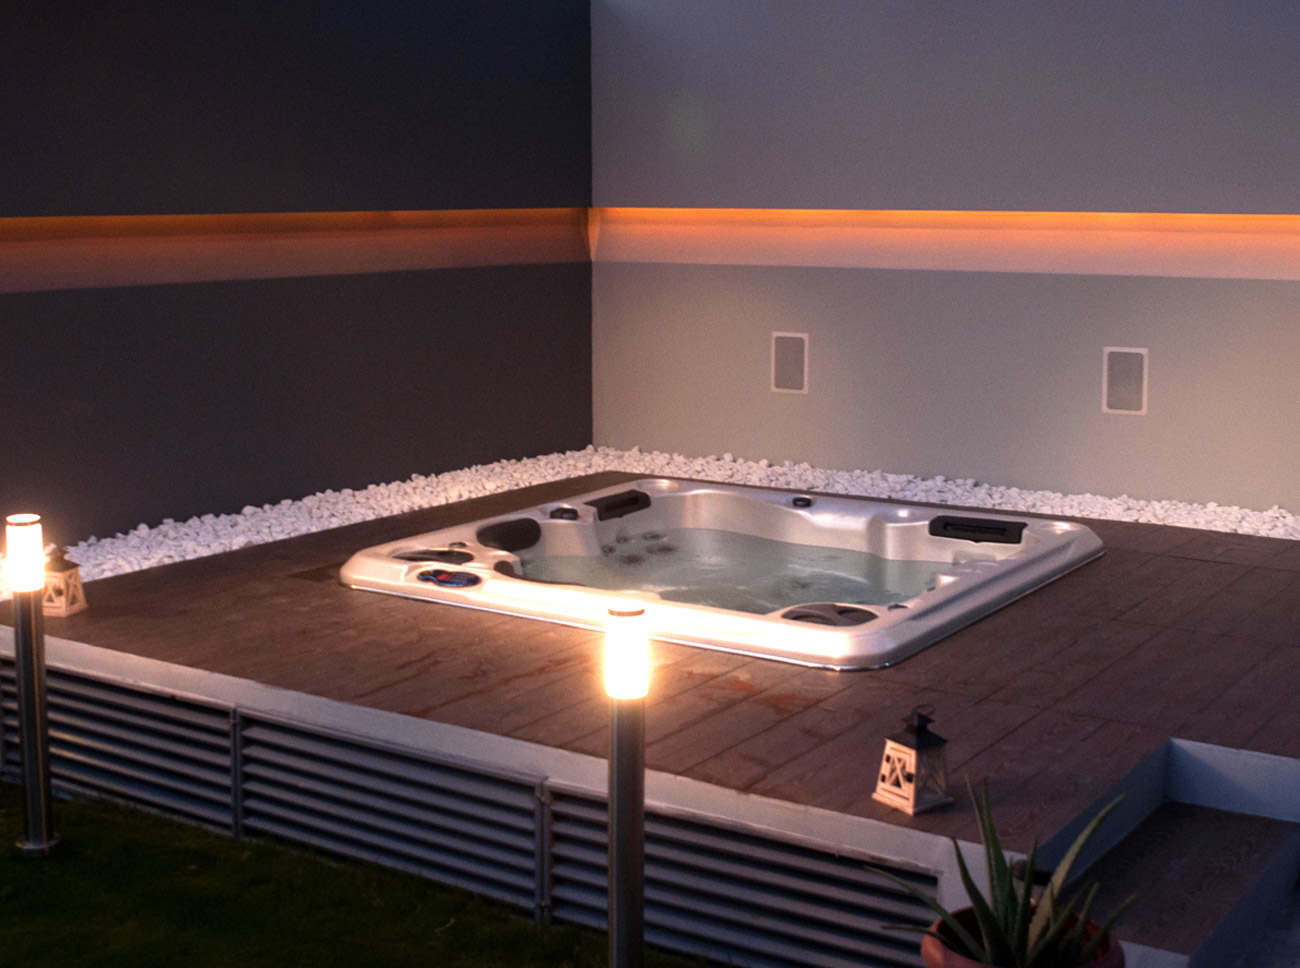 buds-hot-tub-8